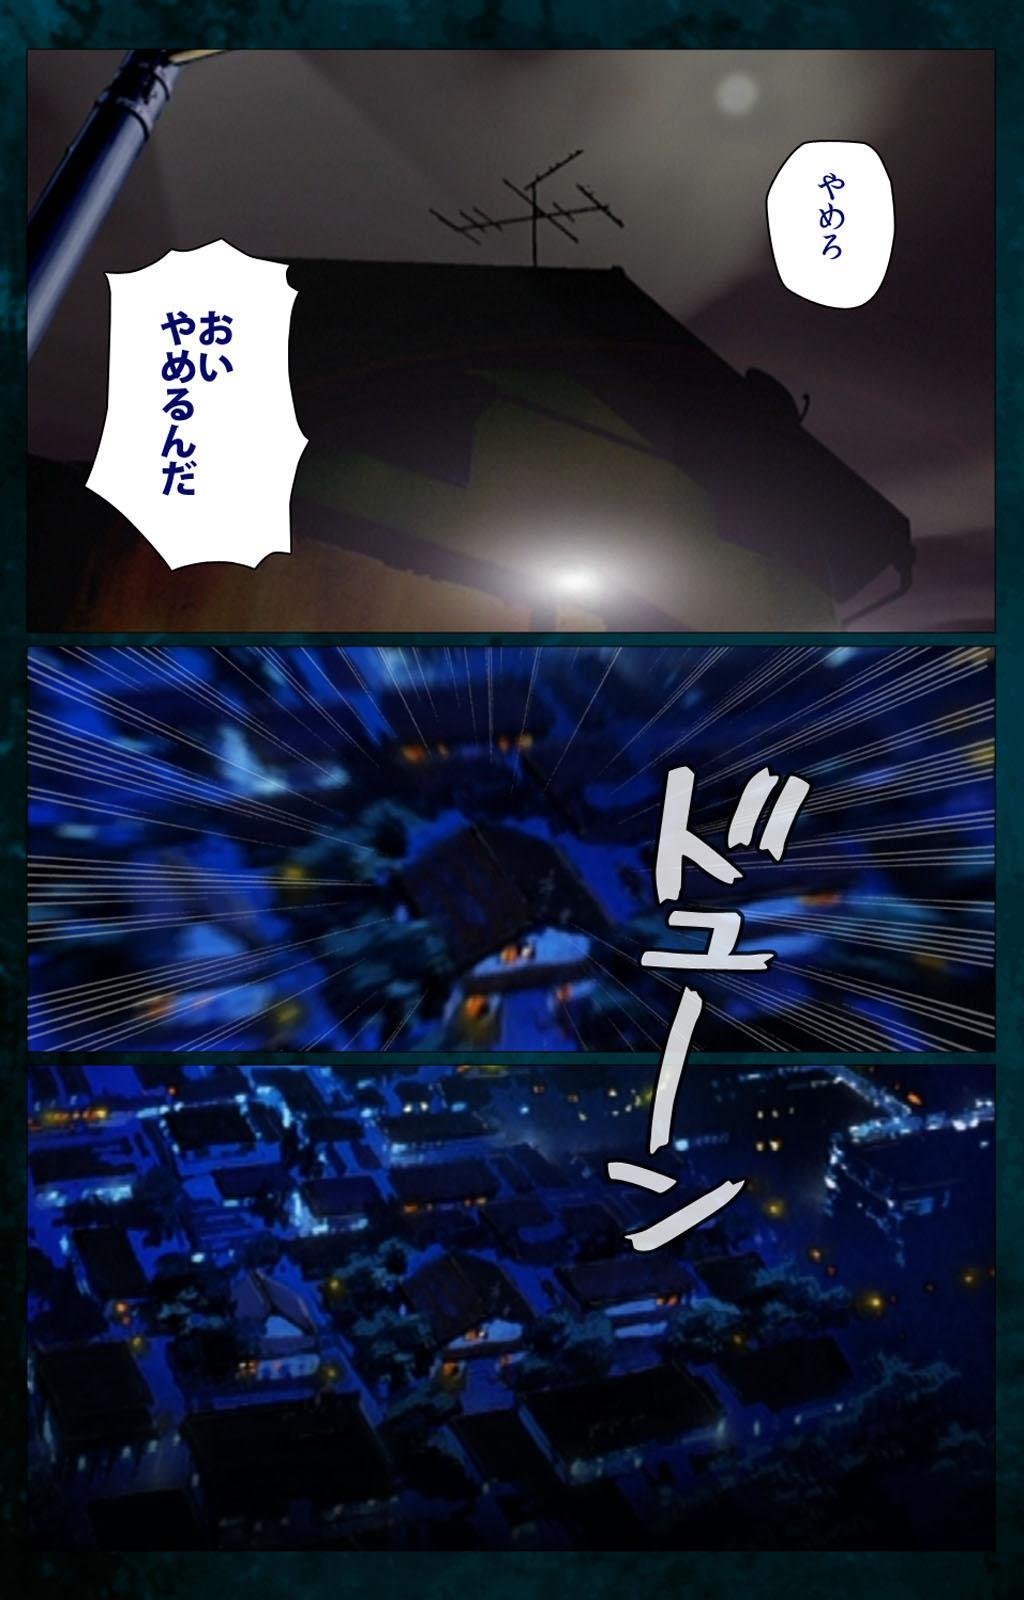 Gibo kanzenhan 233